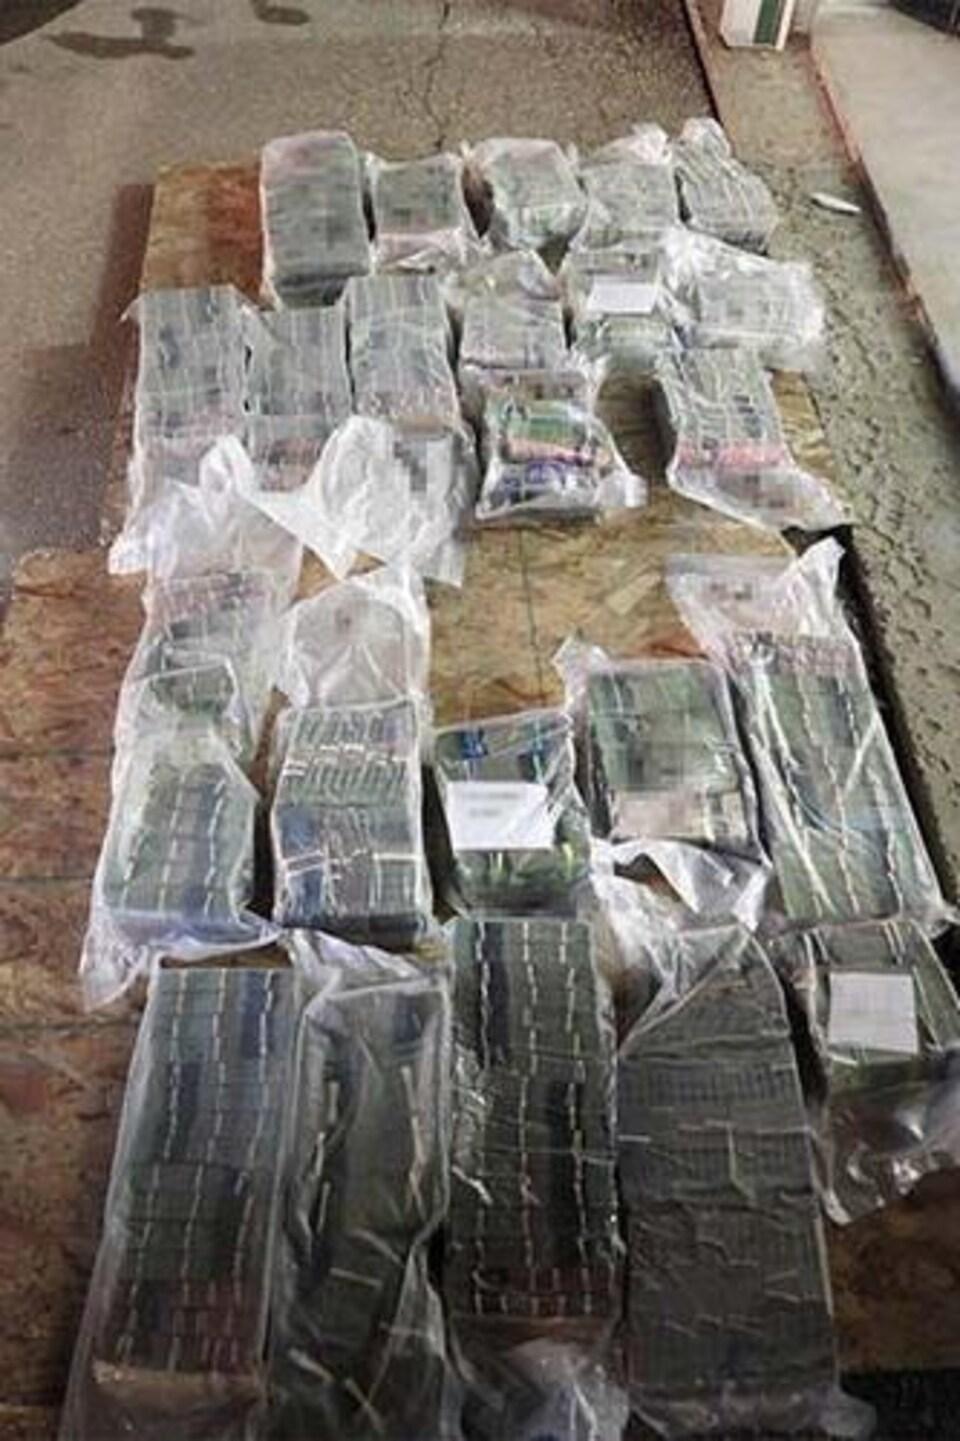 Des briques de billet de banque.